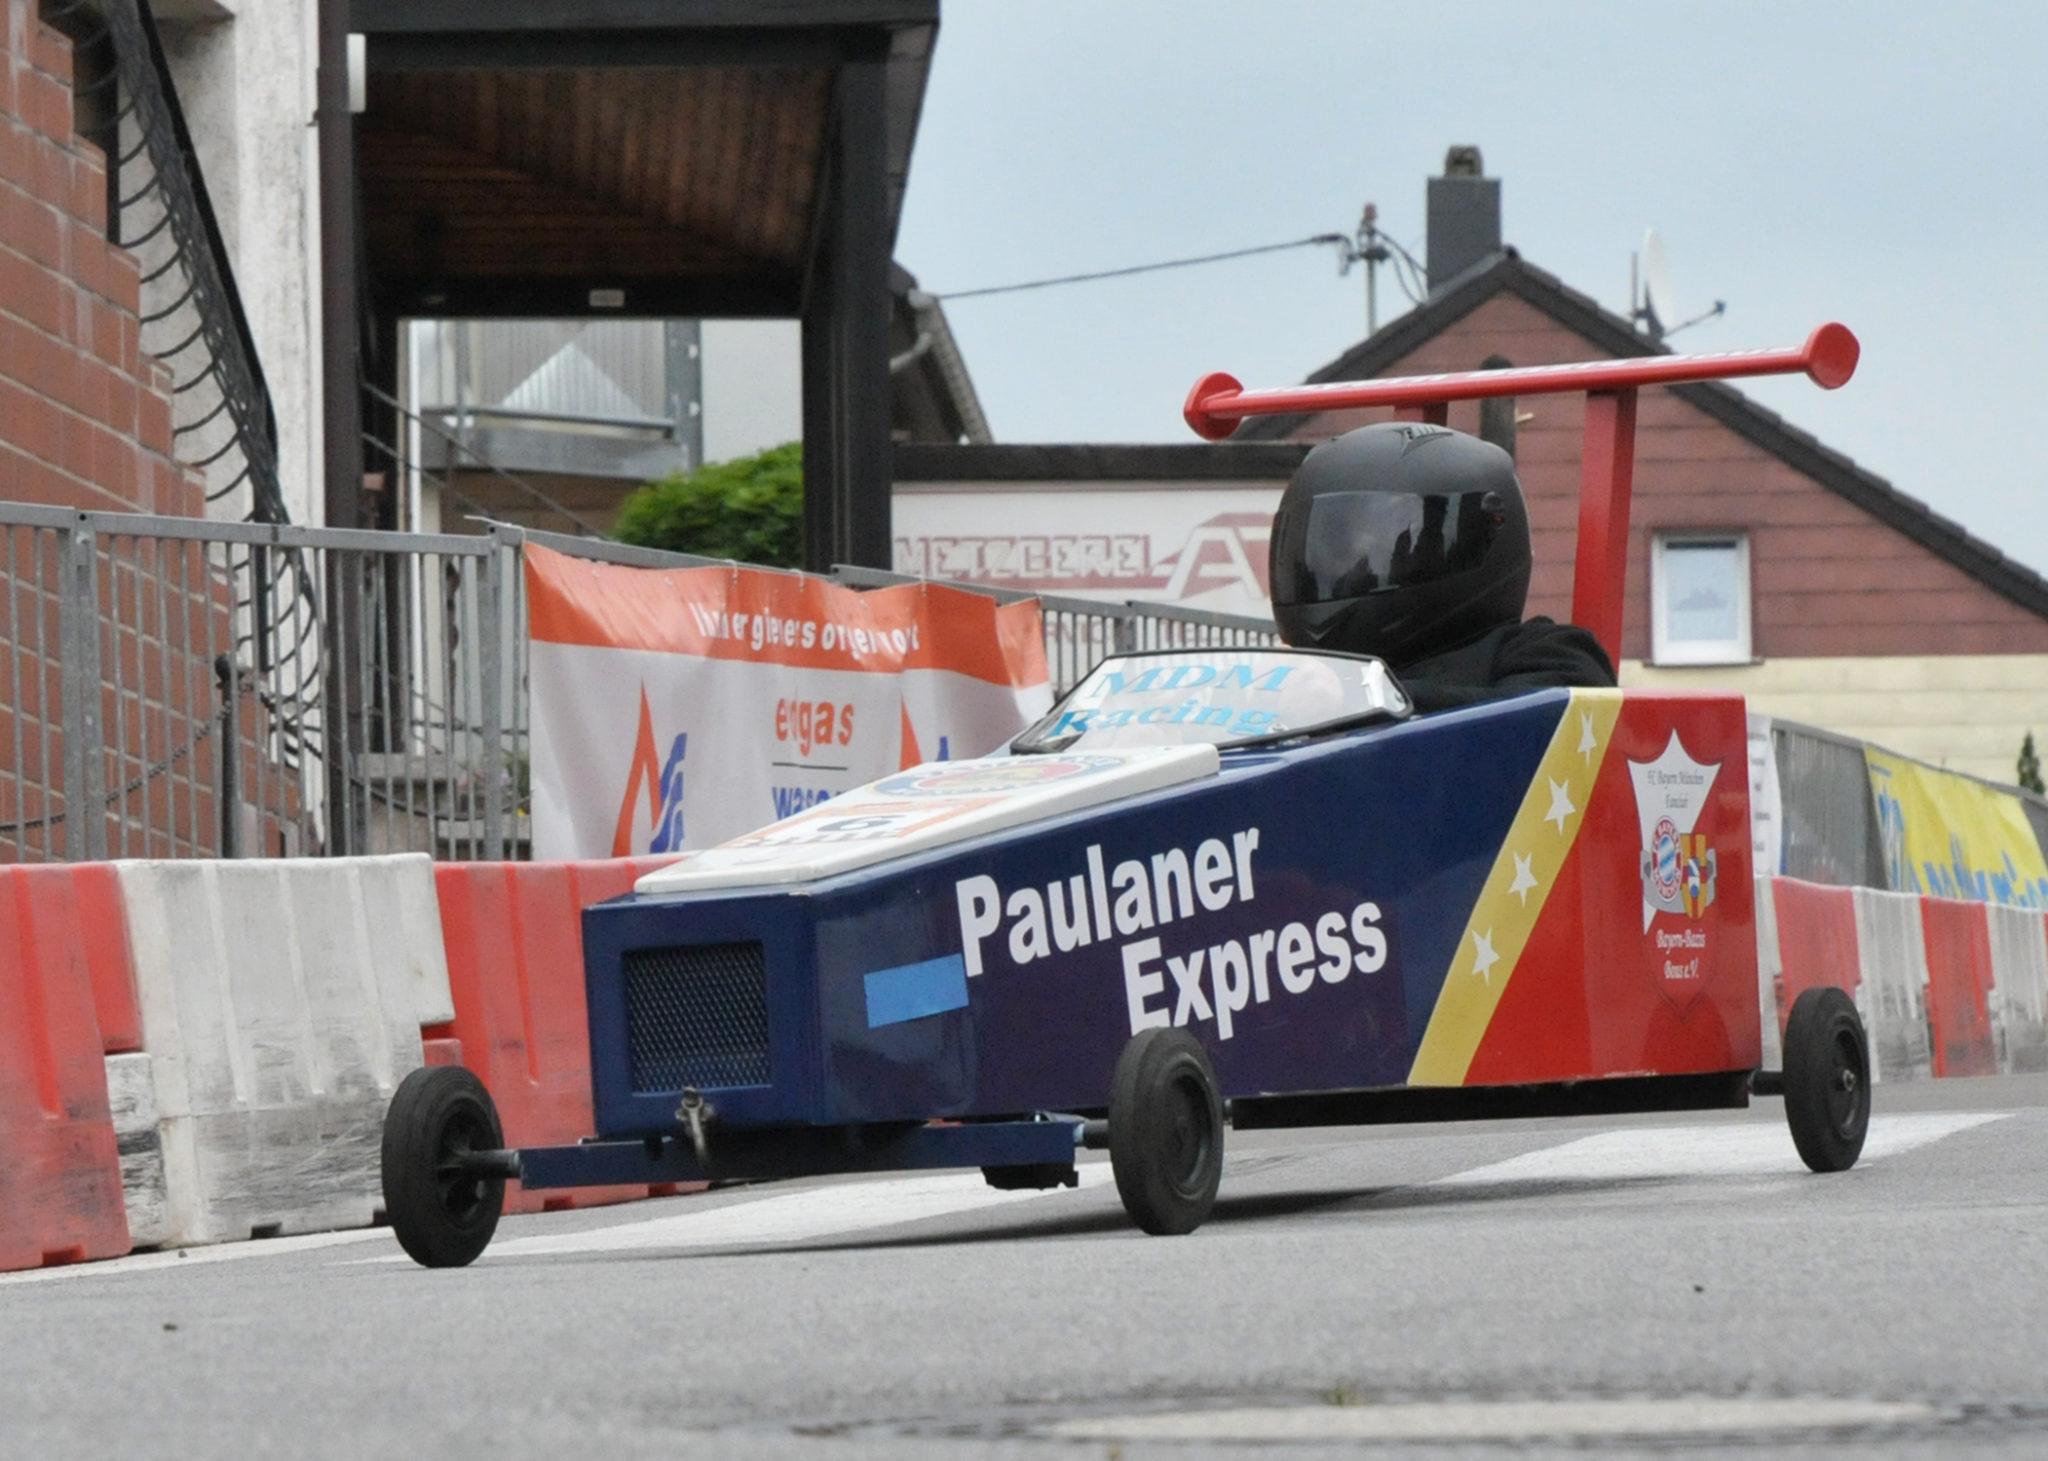 zu sehen ist die Seifenkiste der Bayern-Bazis-Bous im Rennen an der Bouser Maisause, die Kiste trägt den Namen Paulaner Express